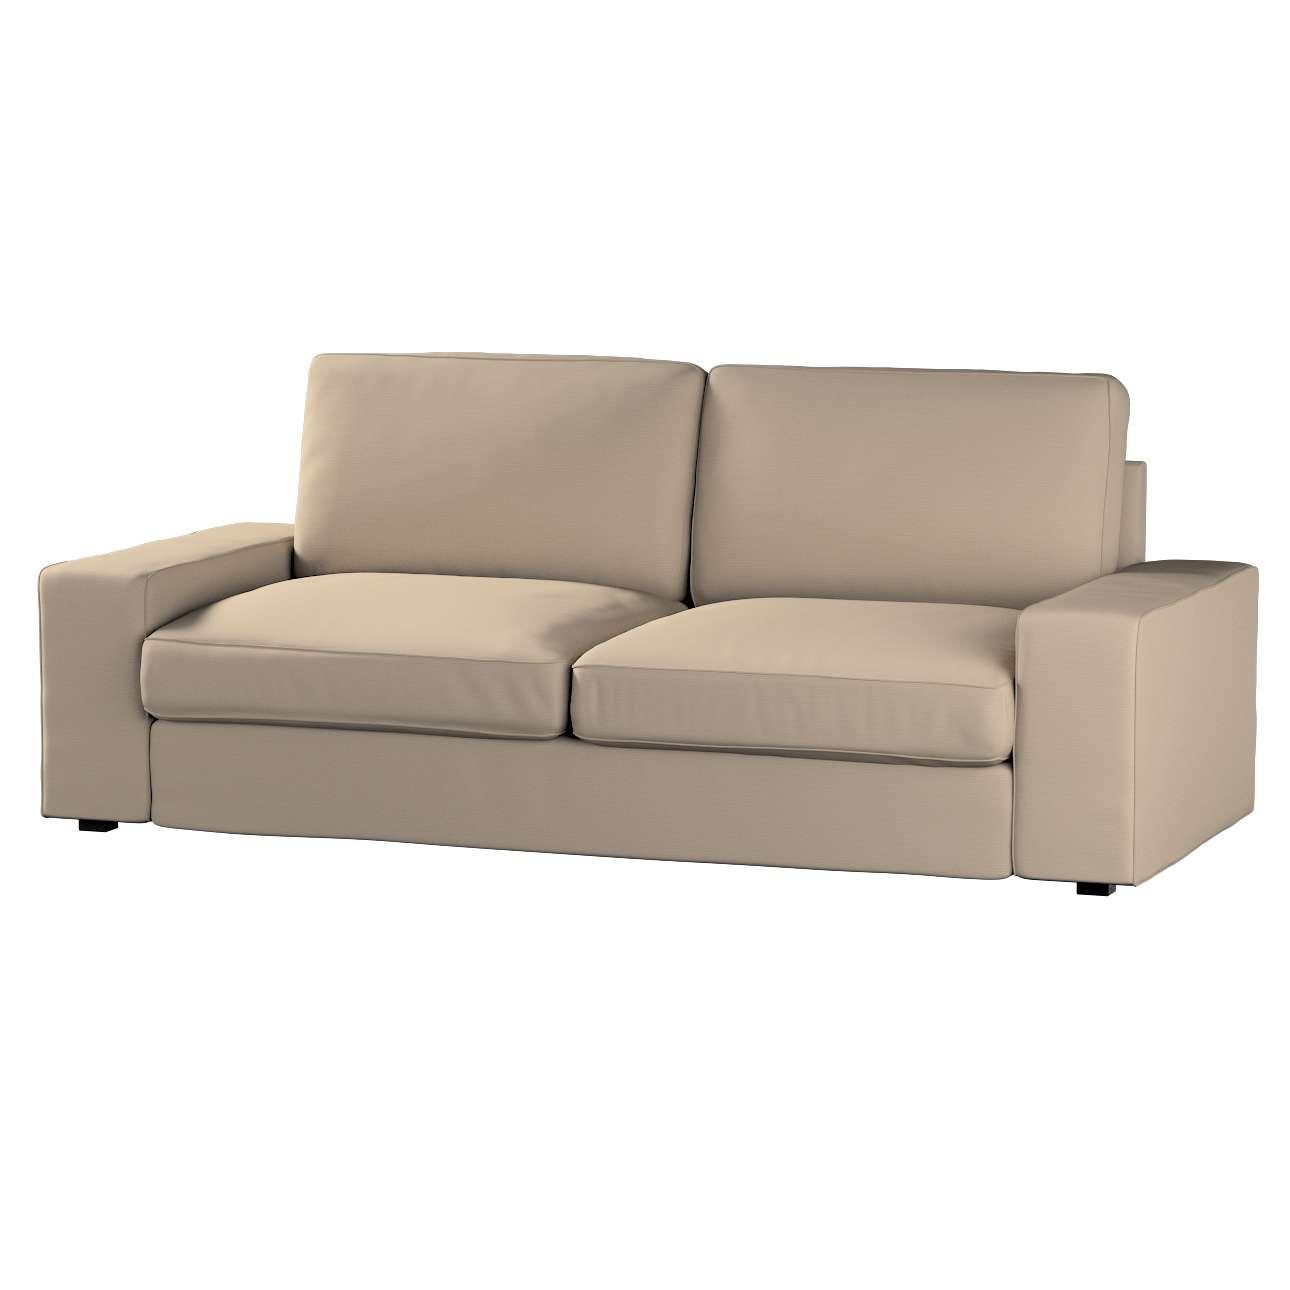 Pokrowiec na sofę Kivik 3-osobową, rozkładaną Sofa Kivik 3-osobowa rozkładana w kolekcji Cotton Panama, tkanina: 702-28